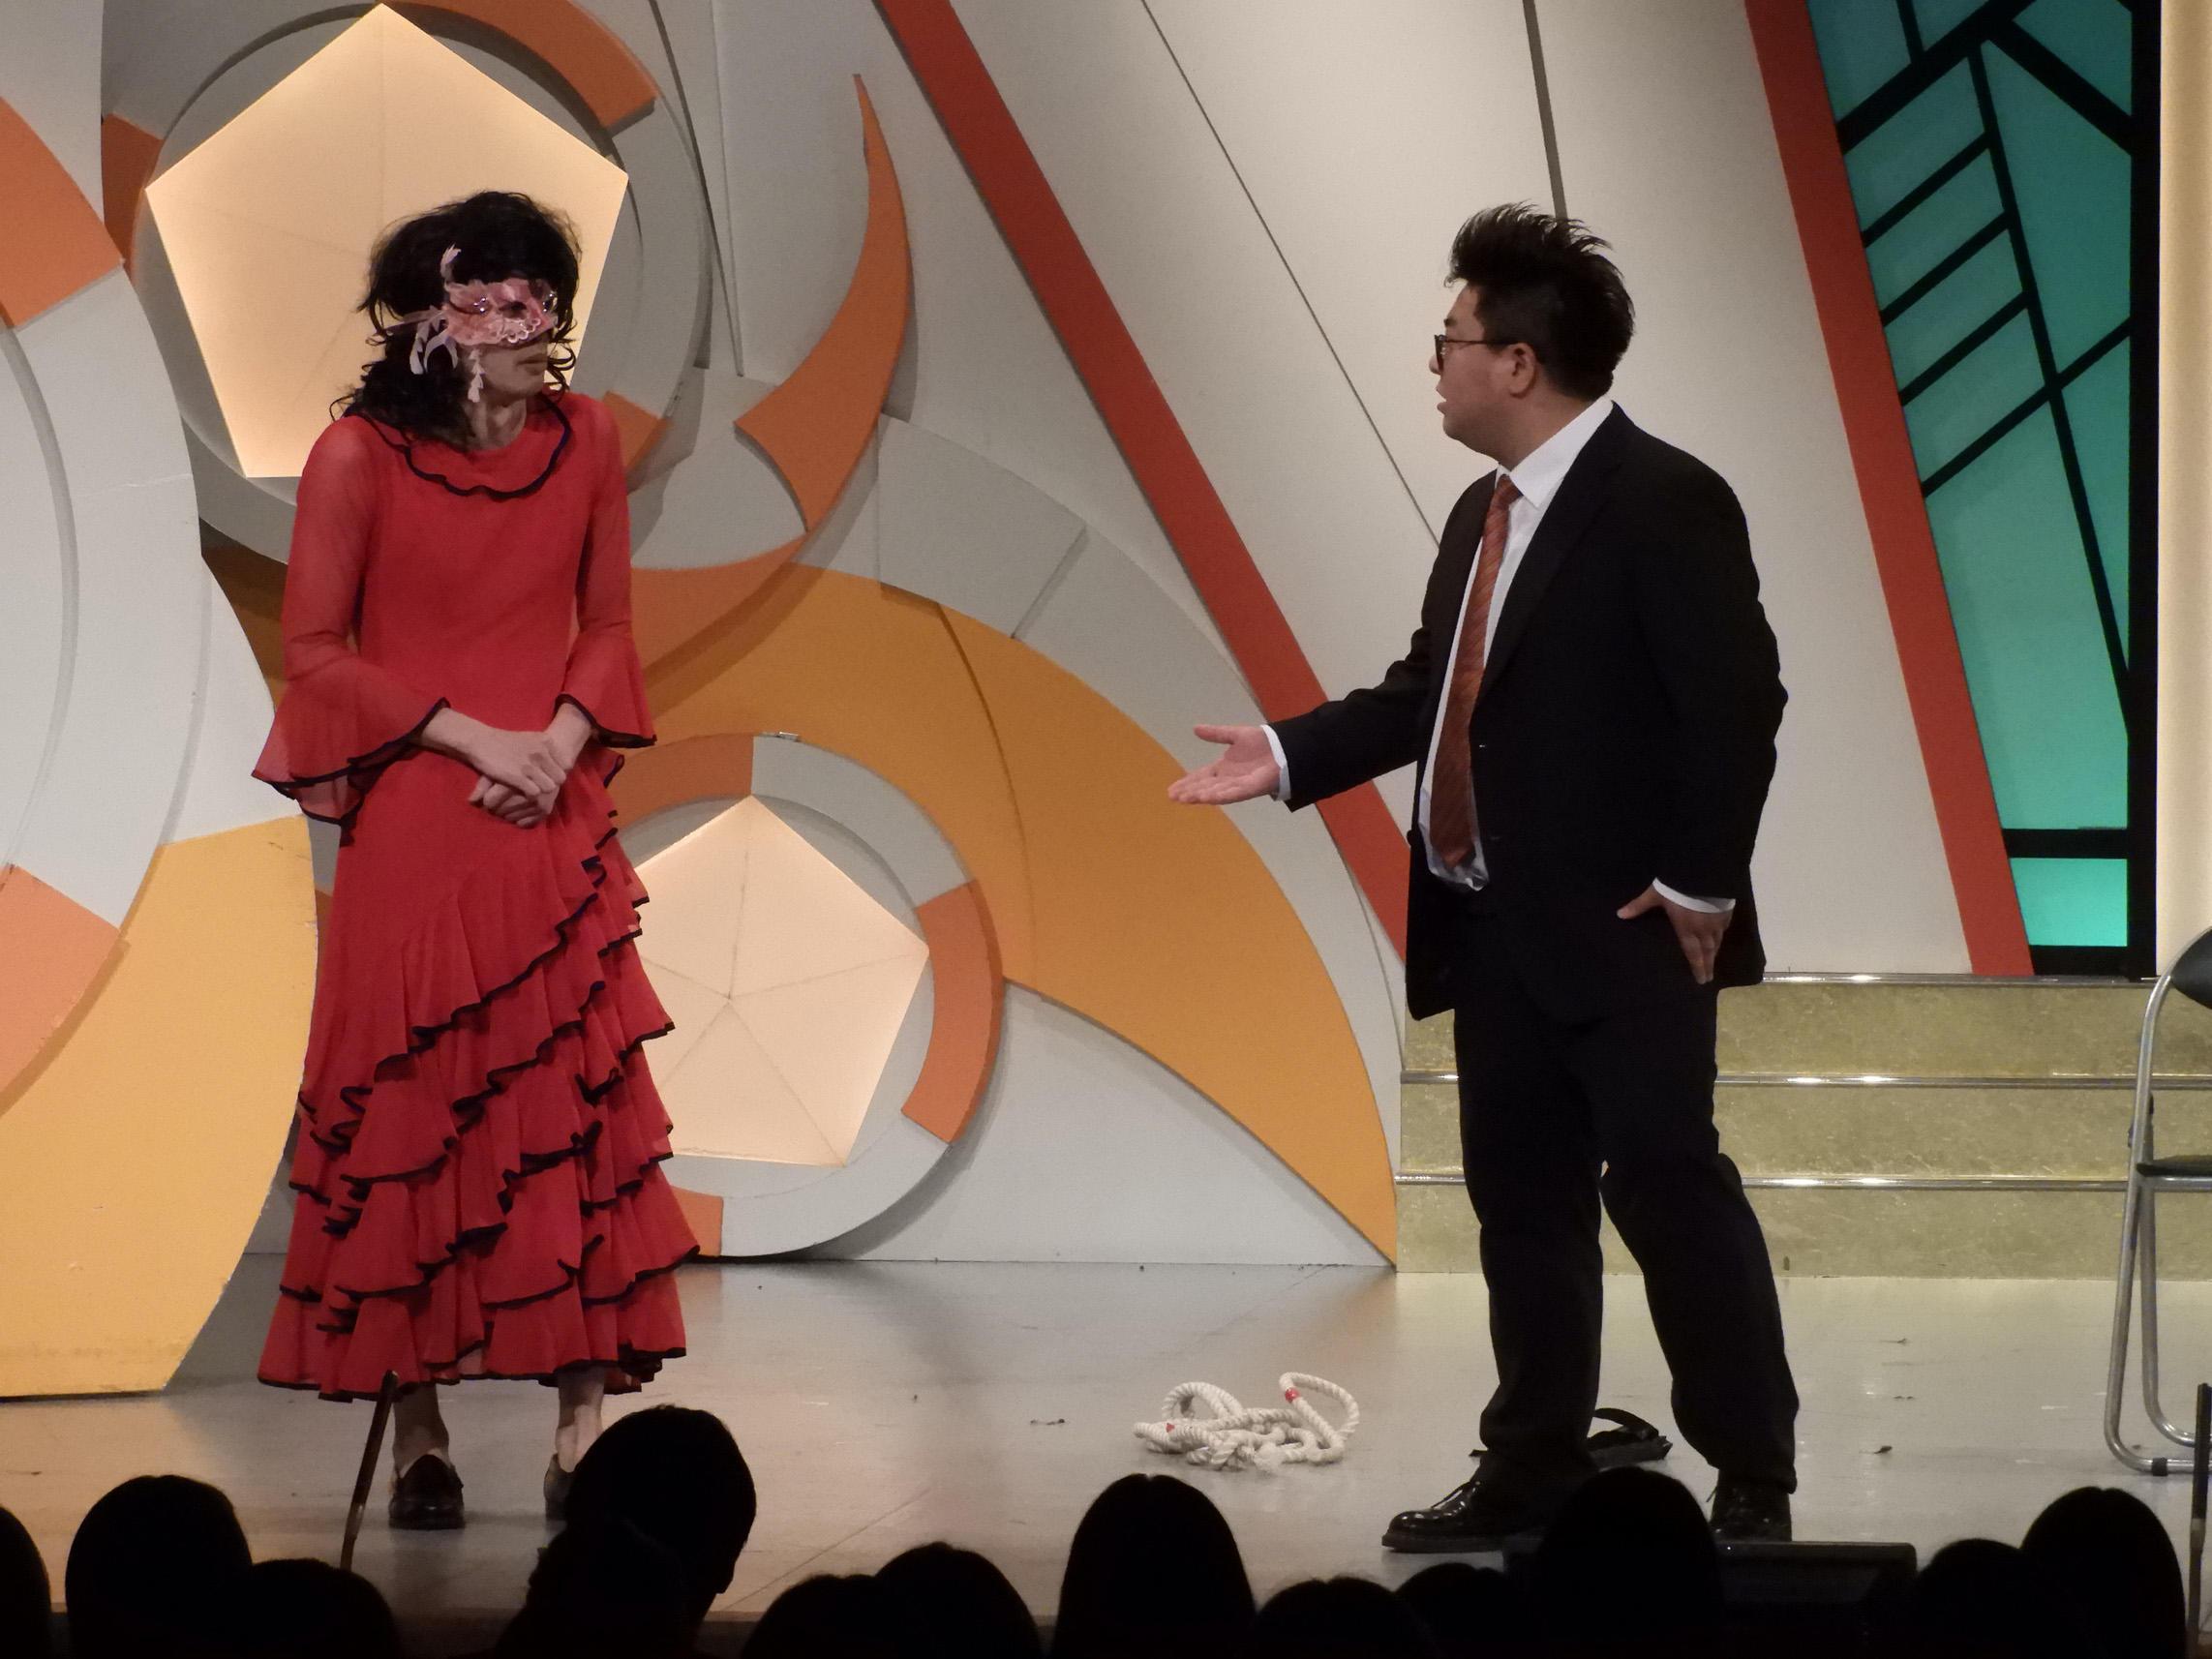 http://news.yoshimoto.co.jp/20180511110911-7c8735c2d01abdb17e5c49fa9fa291b61b5590d0.jpg